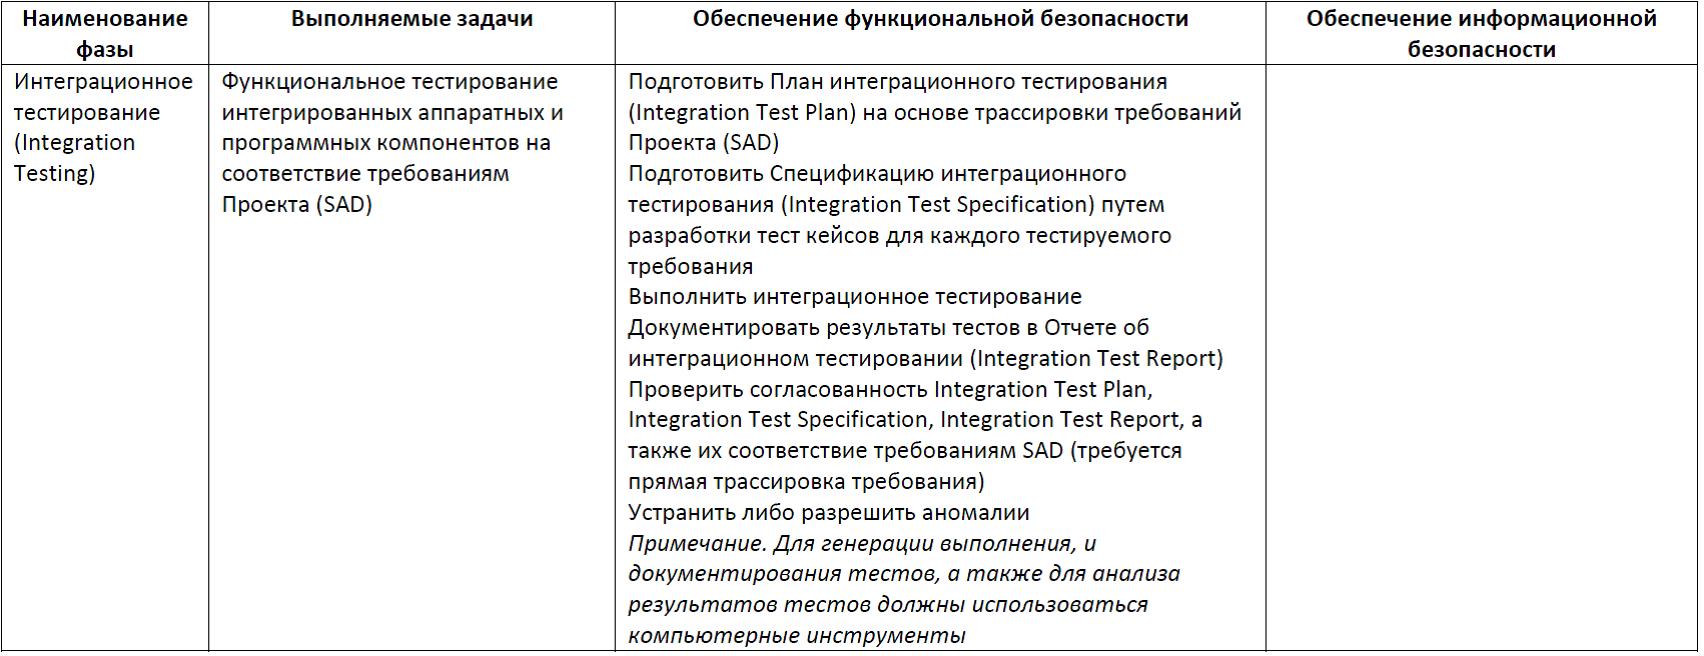 Функциональная безопасность, часть 5 из 5. Жизненный цикл информационной и функциональной безопасности - 16